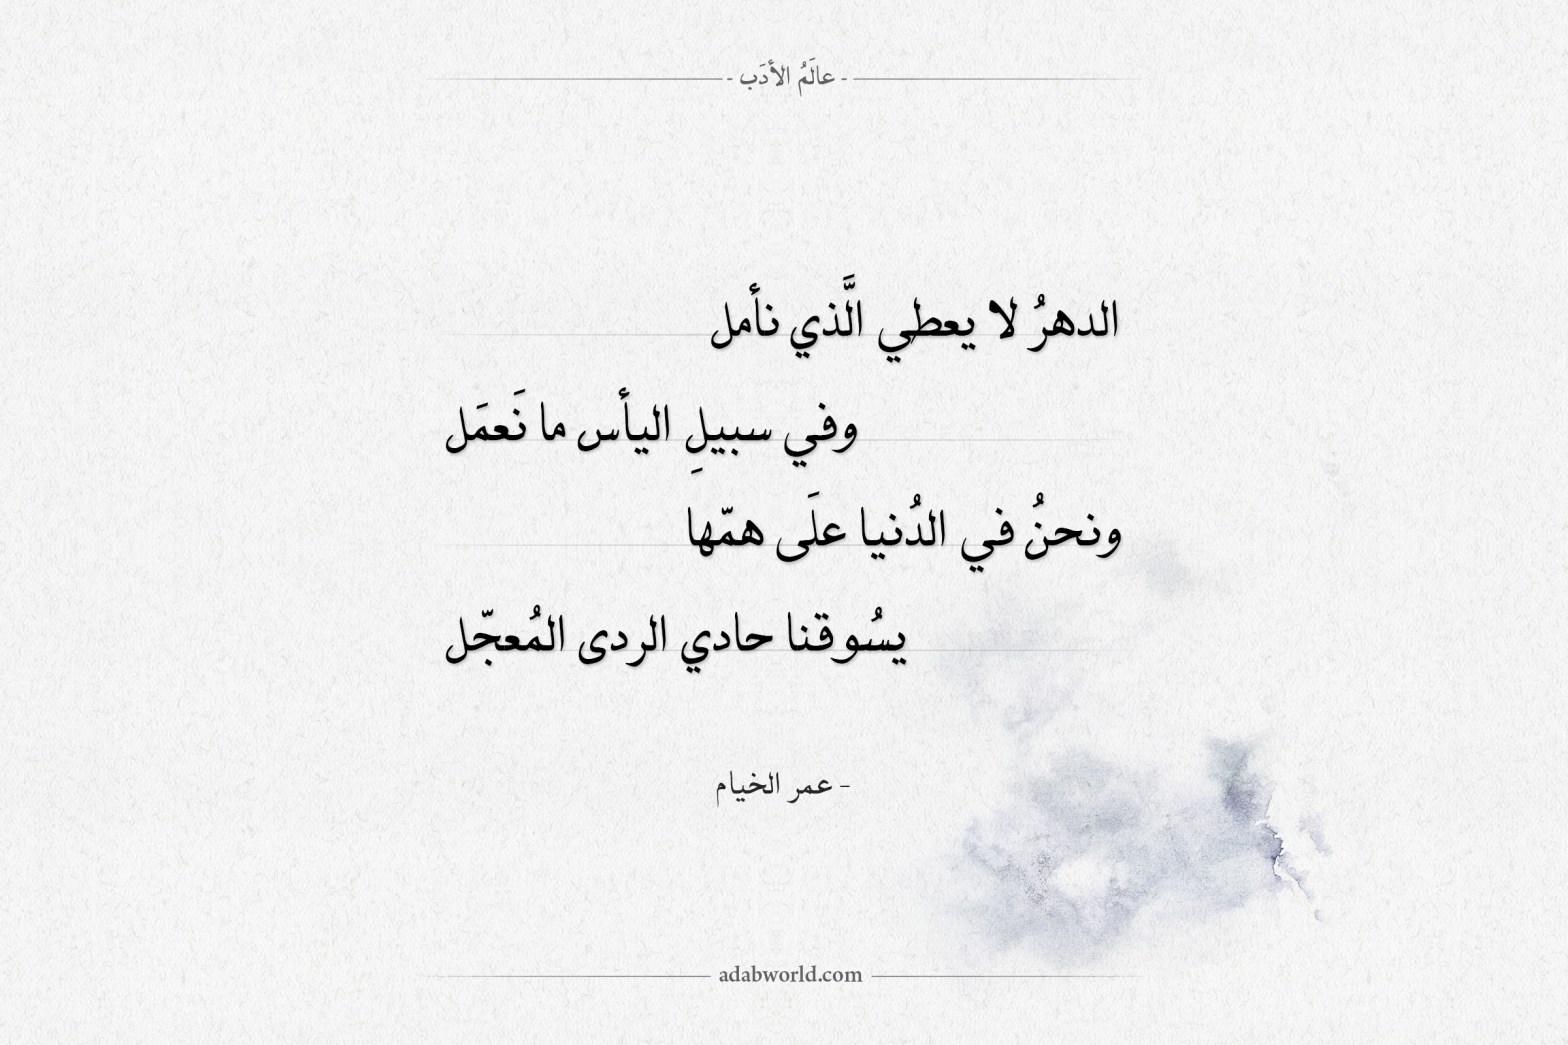 شعر عمر الخيام - نمضي وتبقى العيشة الراضية